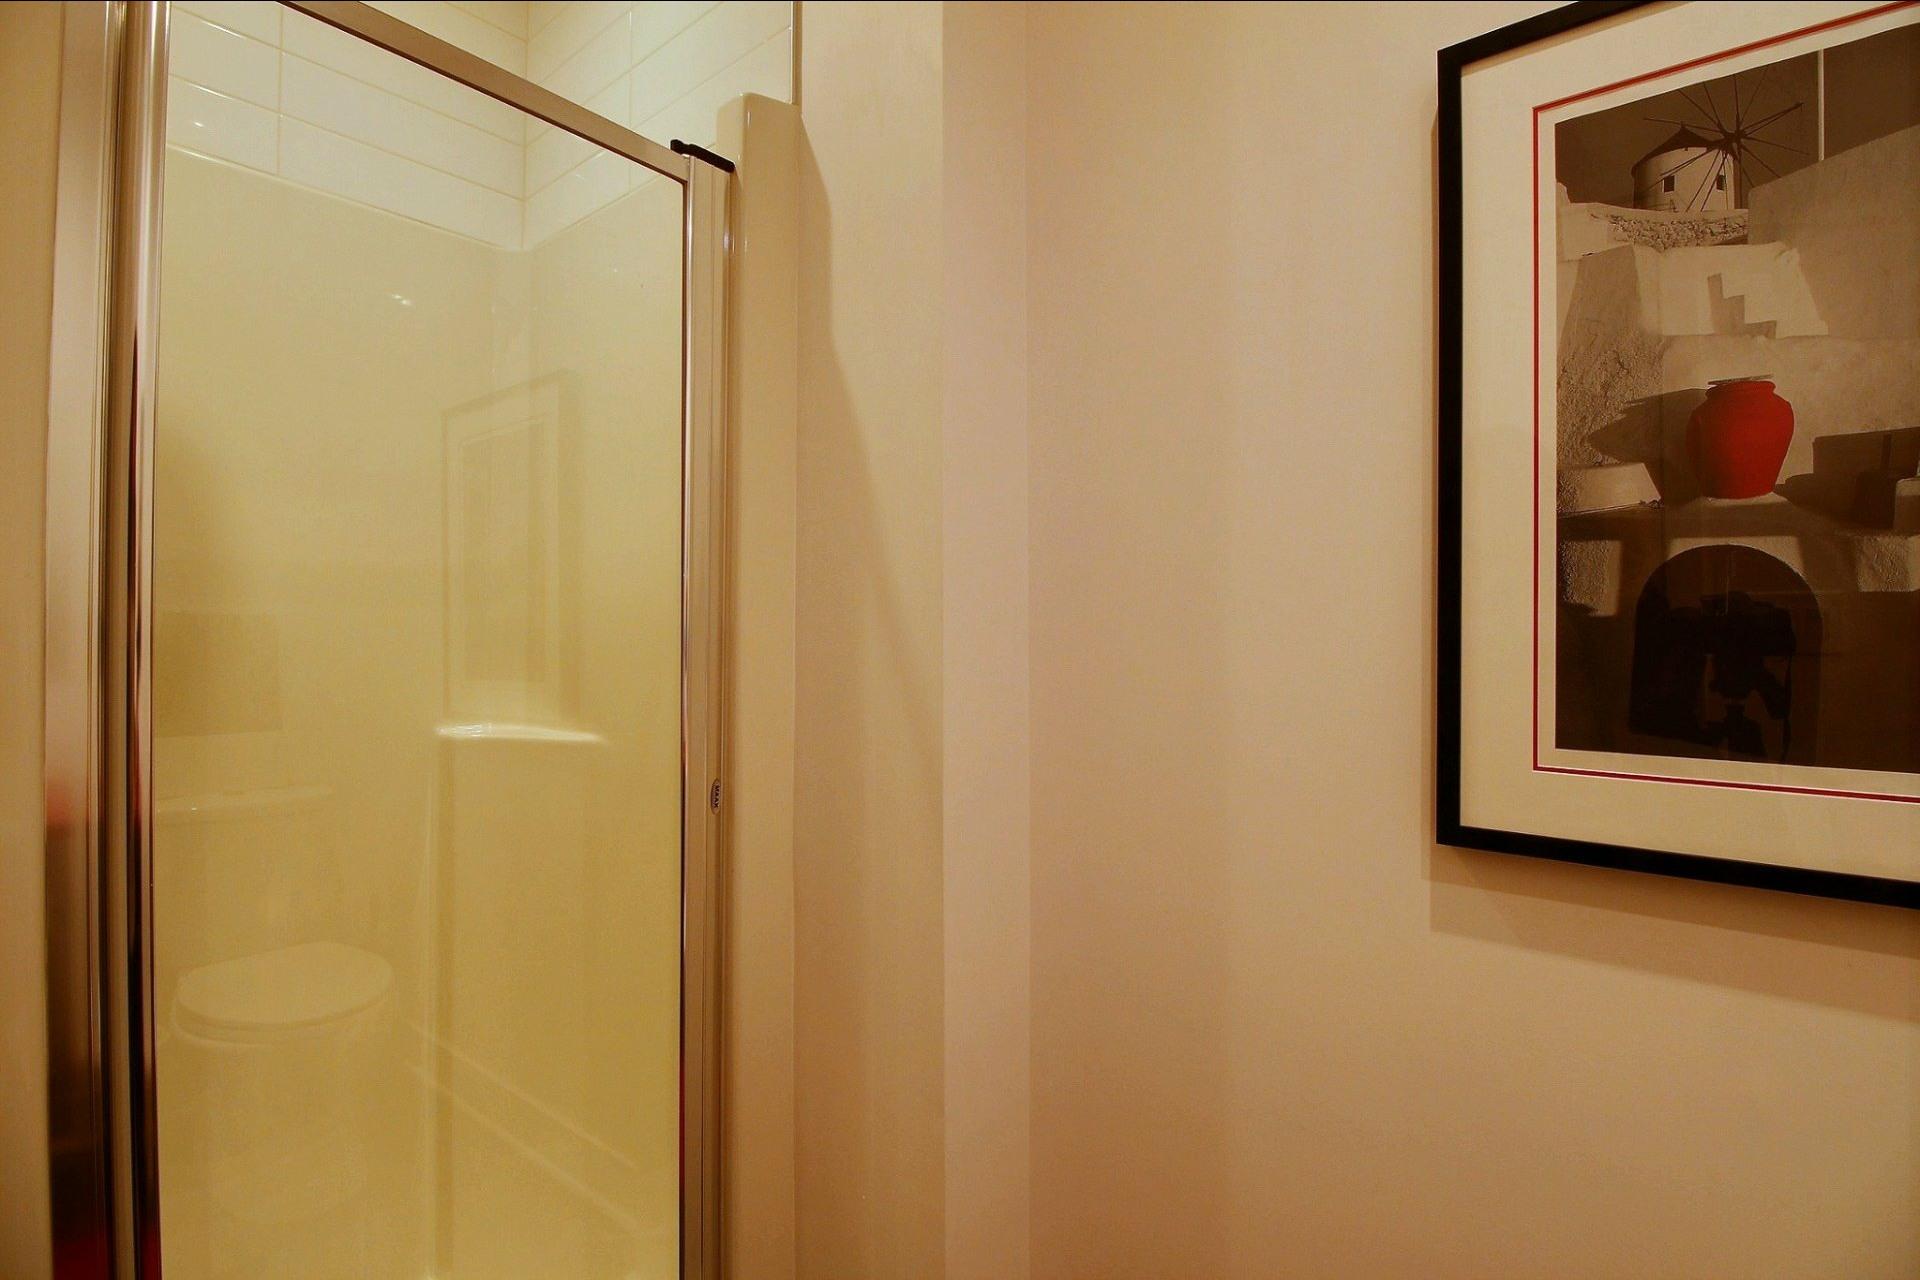 image 23 - Appartement À louer Côte-des-Neiges/Notre-Dame-de-Grâce Montréal  - 4 pièces